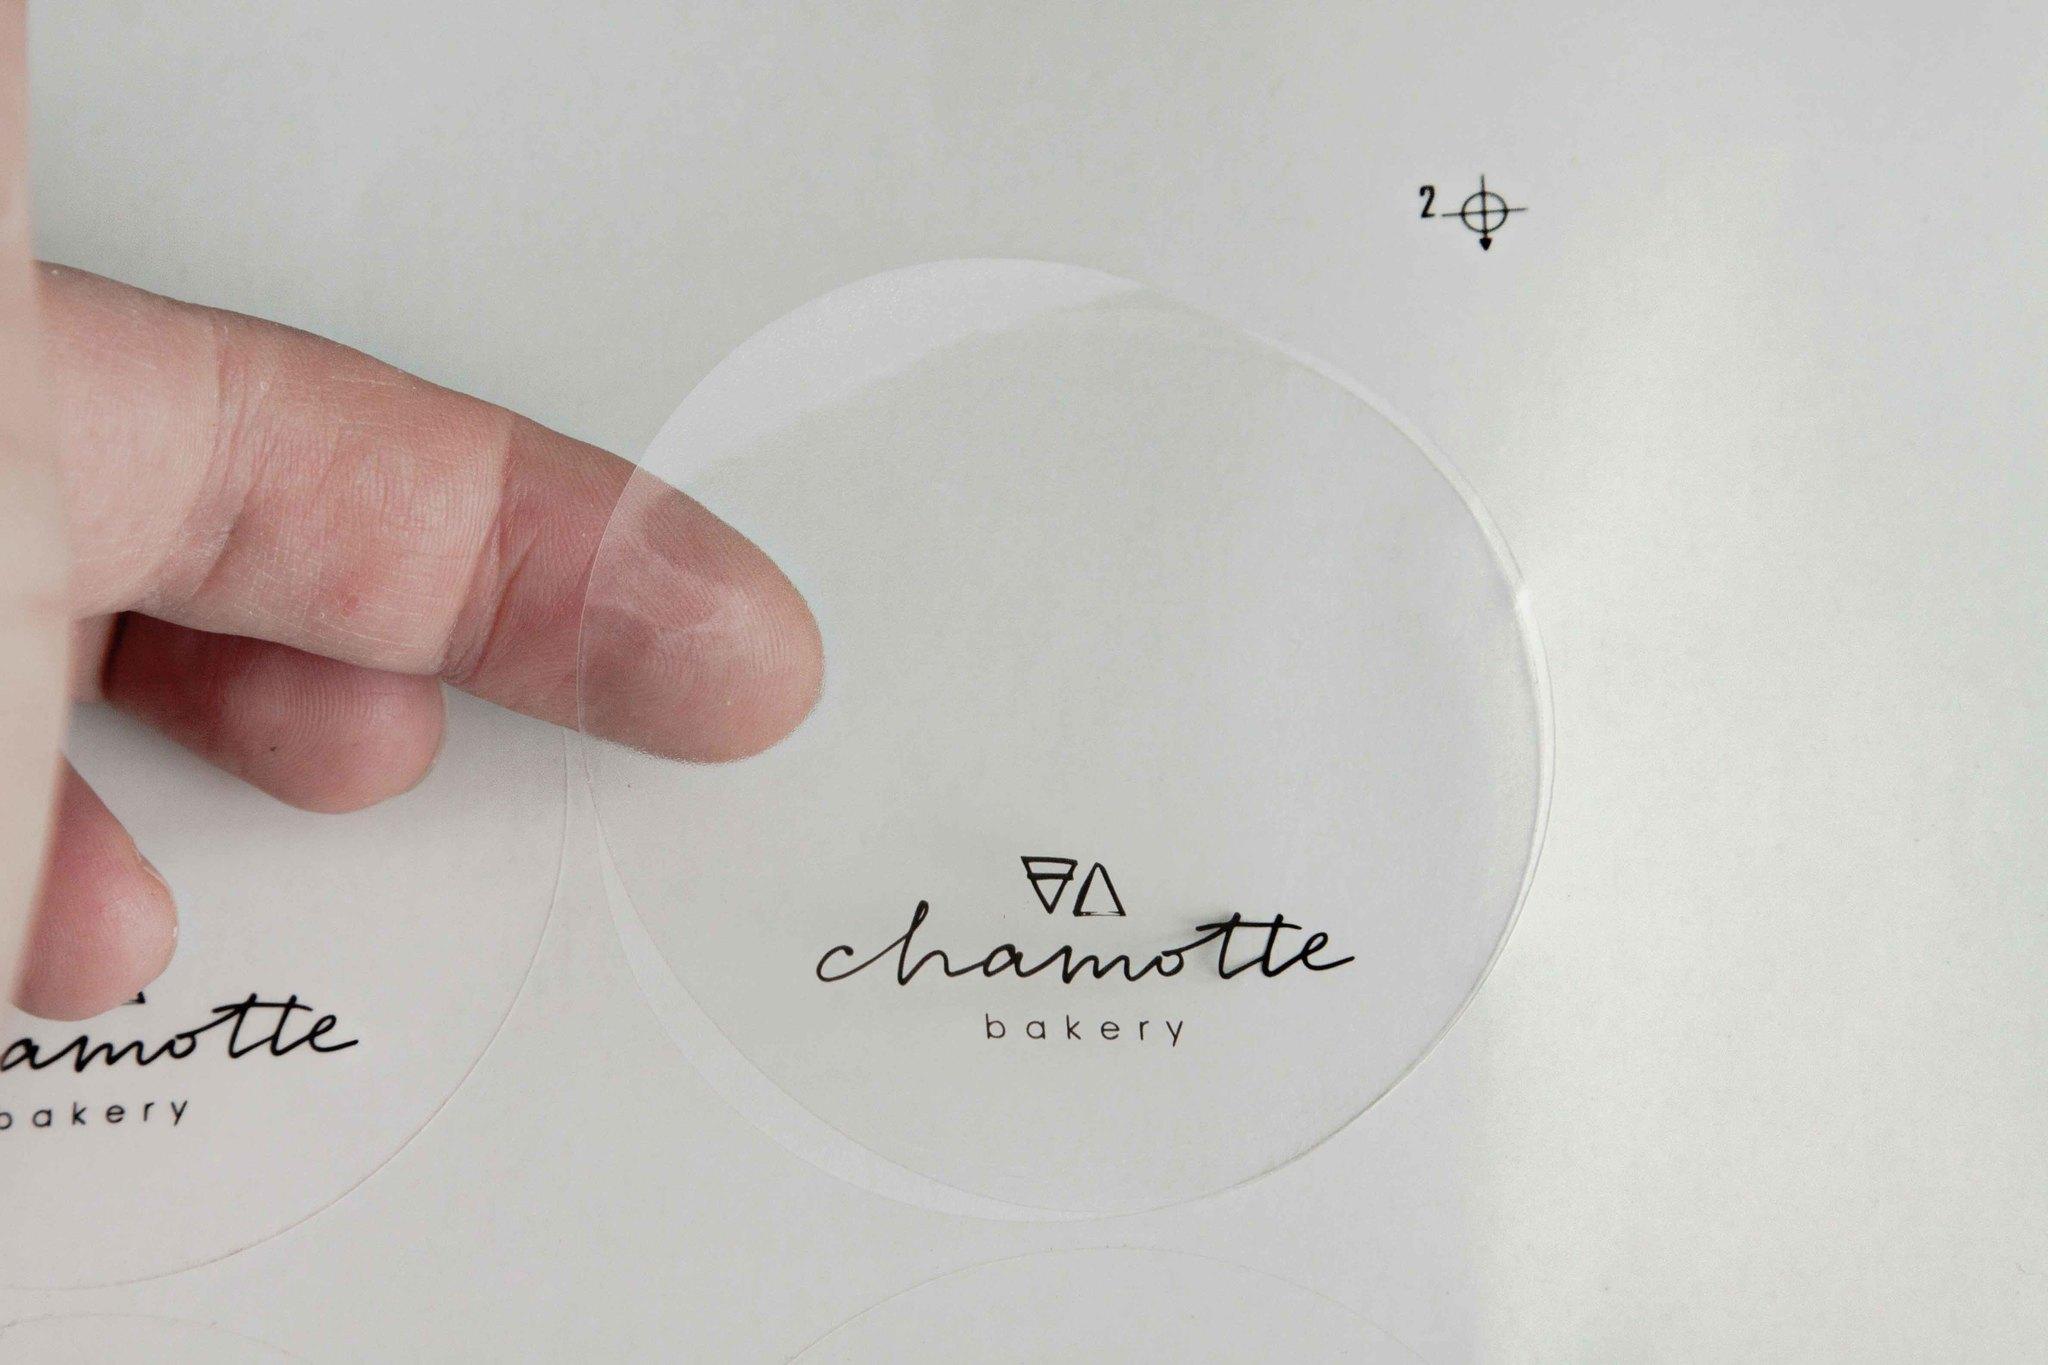 Печать наклеек на прозрачной пленке